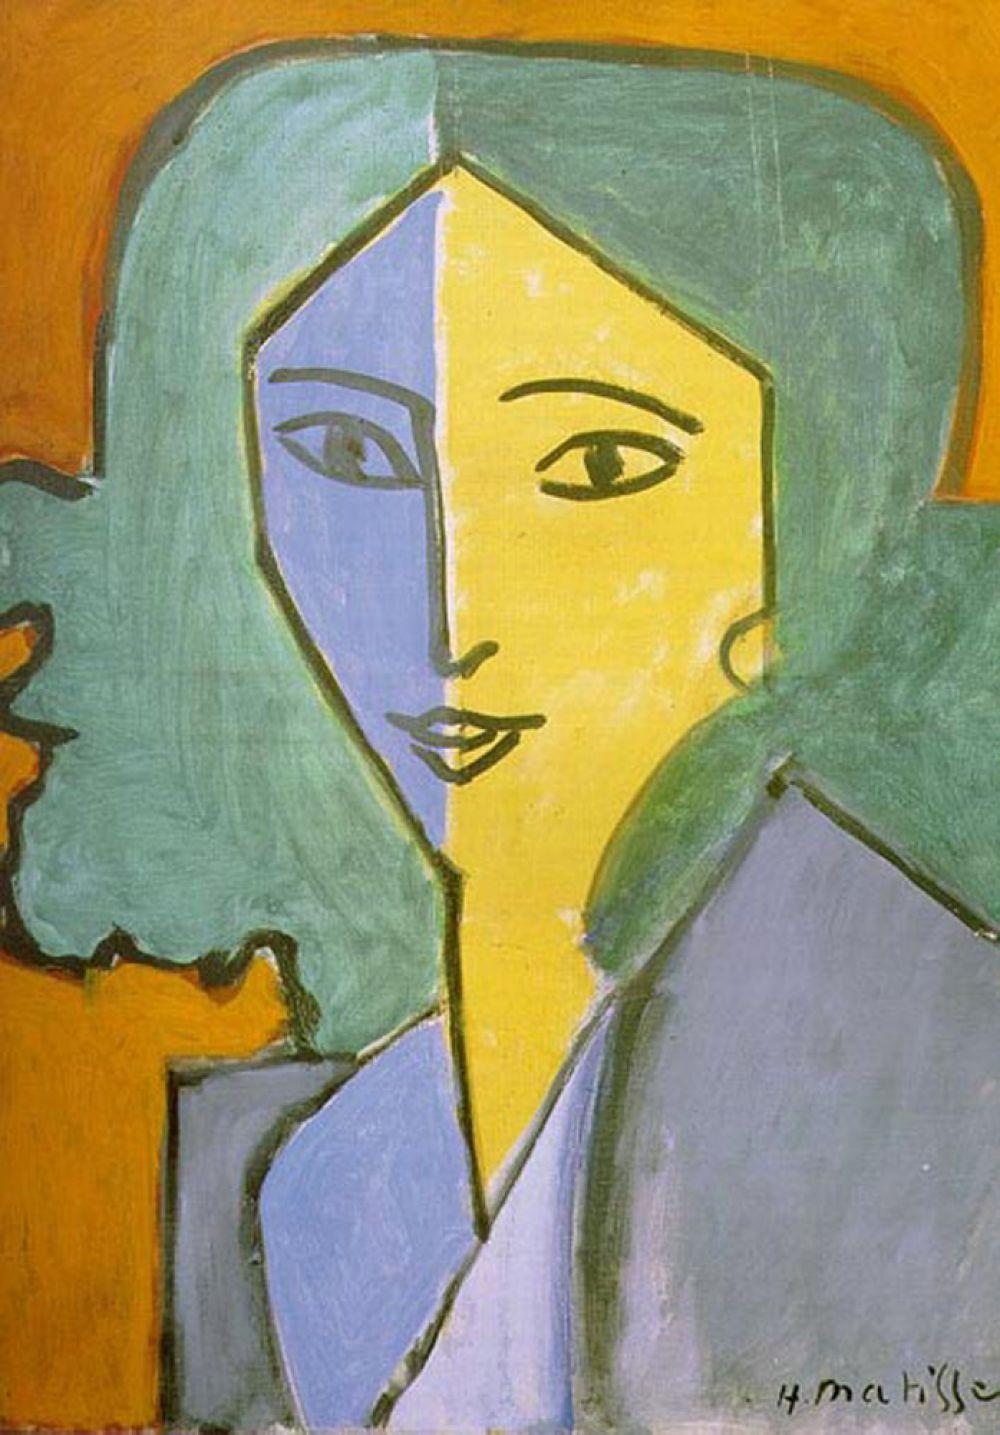 После смерти художника Пабло Пикассо коротко и емко охарактеризовал его творчество одной фразой «Матисс всегда был единственным и неповторимым».